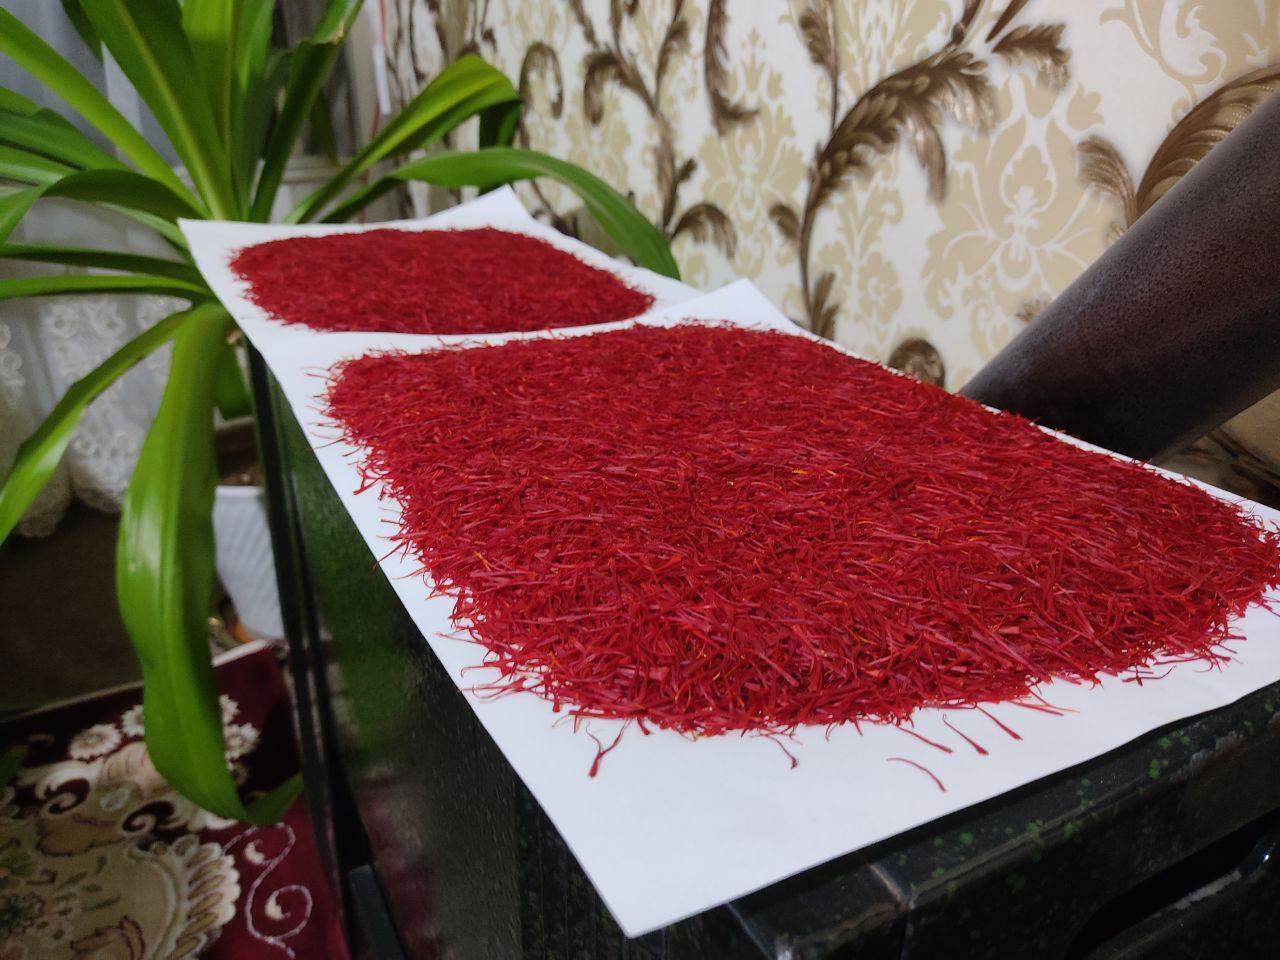 خشک کردن زعفران بر روی بخاری